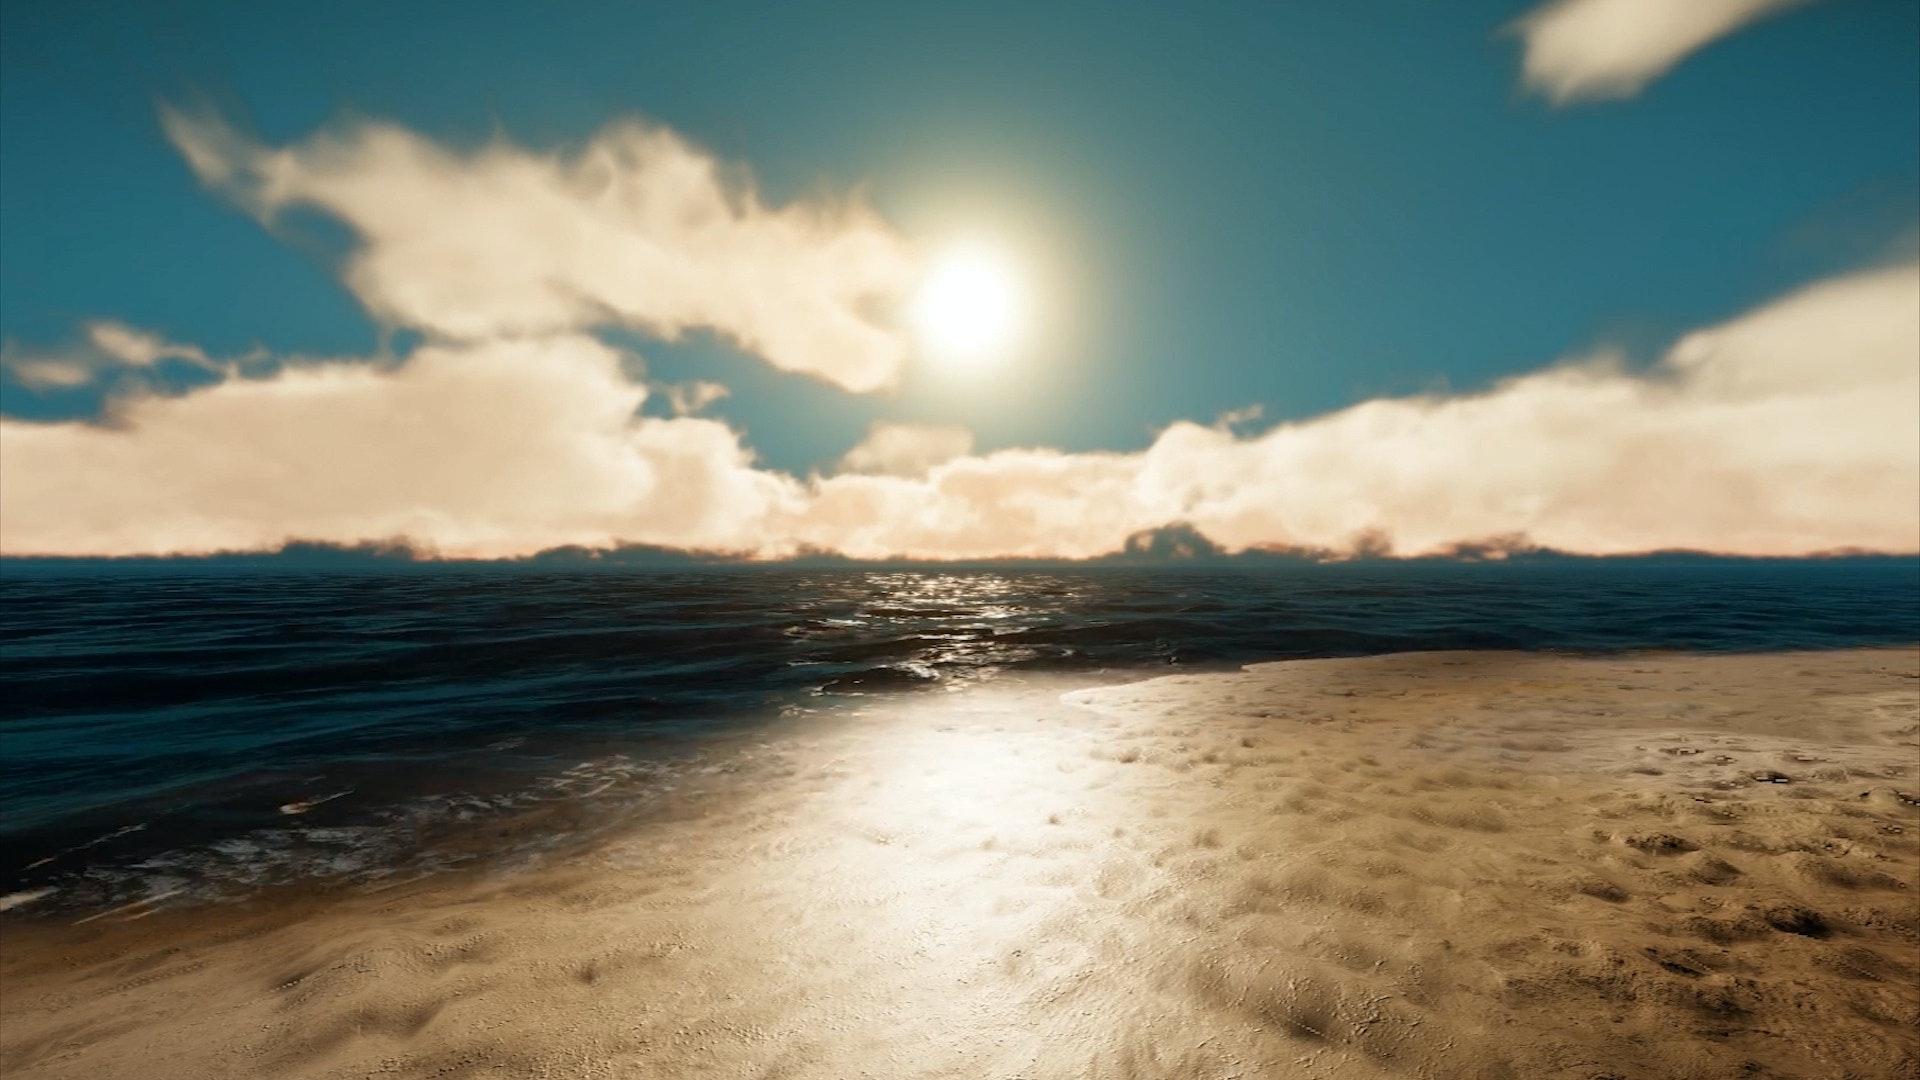 Sebastian Wanke, Sonnenuntergang an der Küste